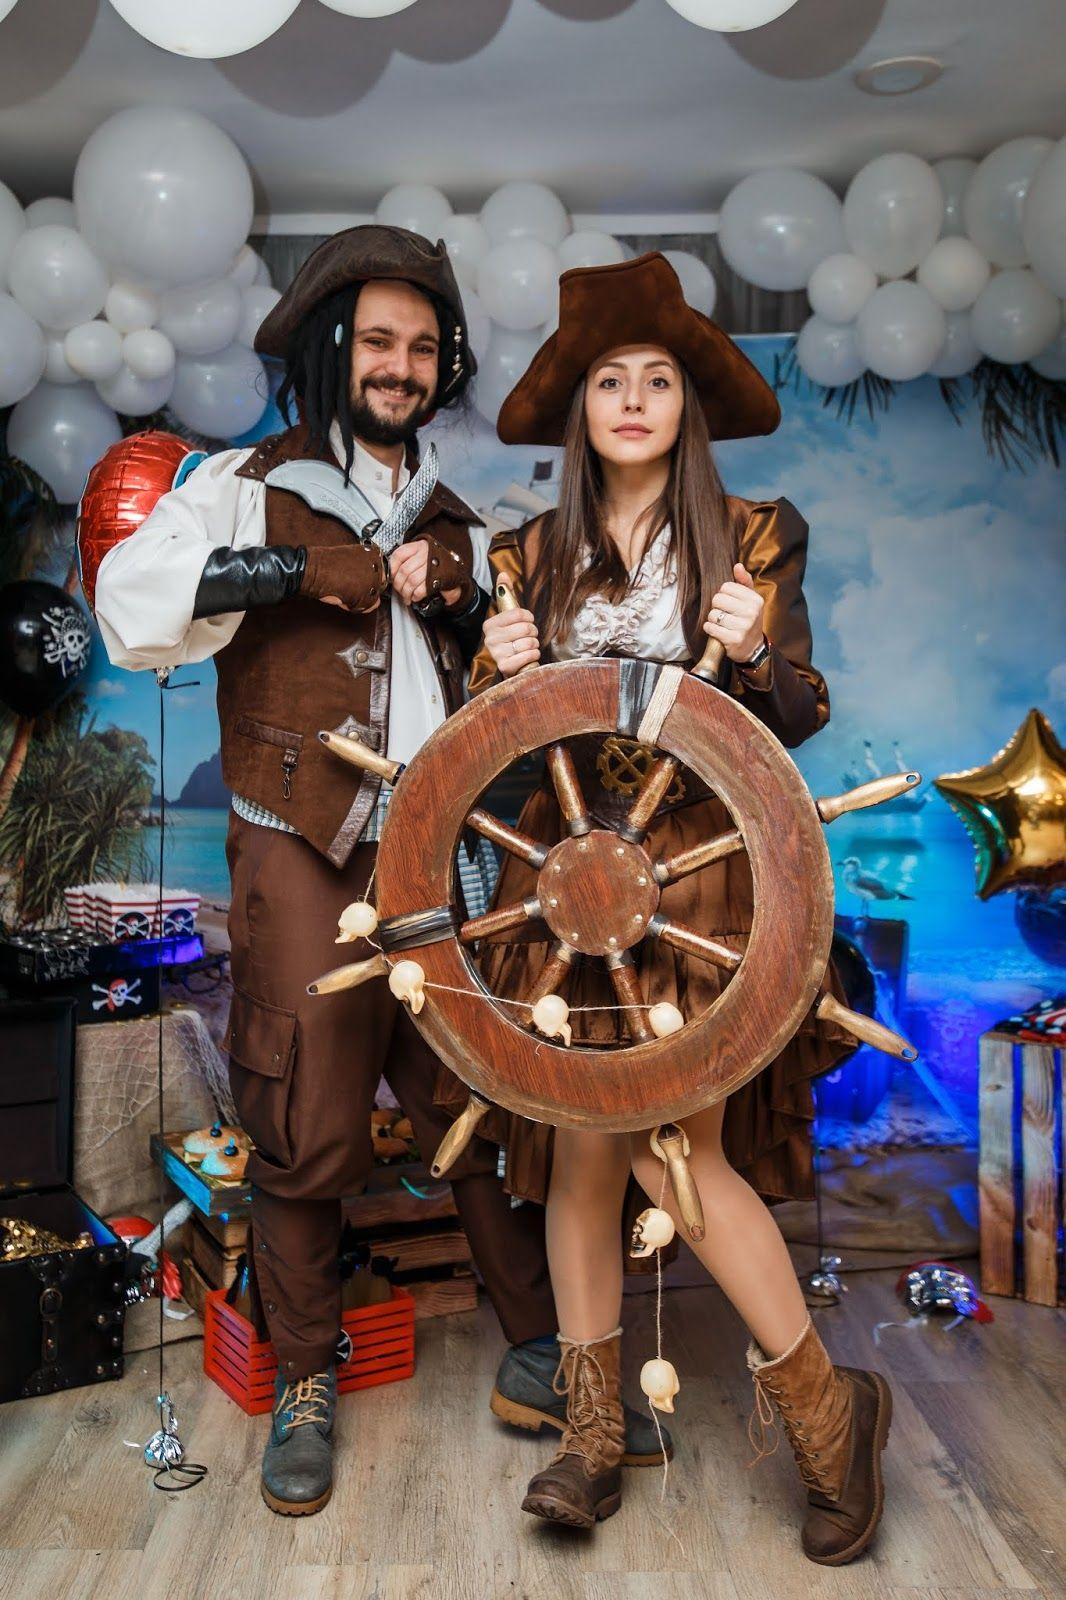 собрались сделать пиратский фото баннер на день рождения машина выпускалась